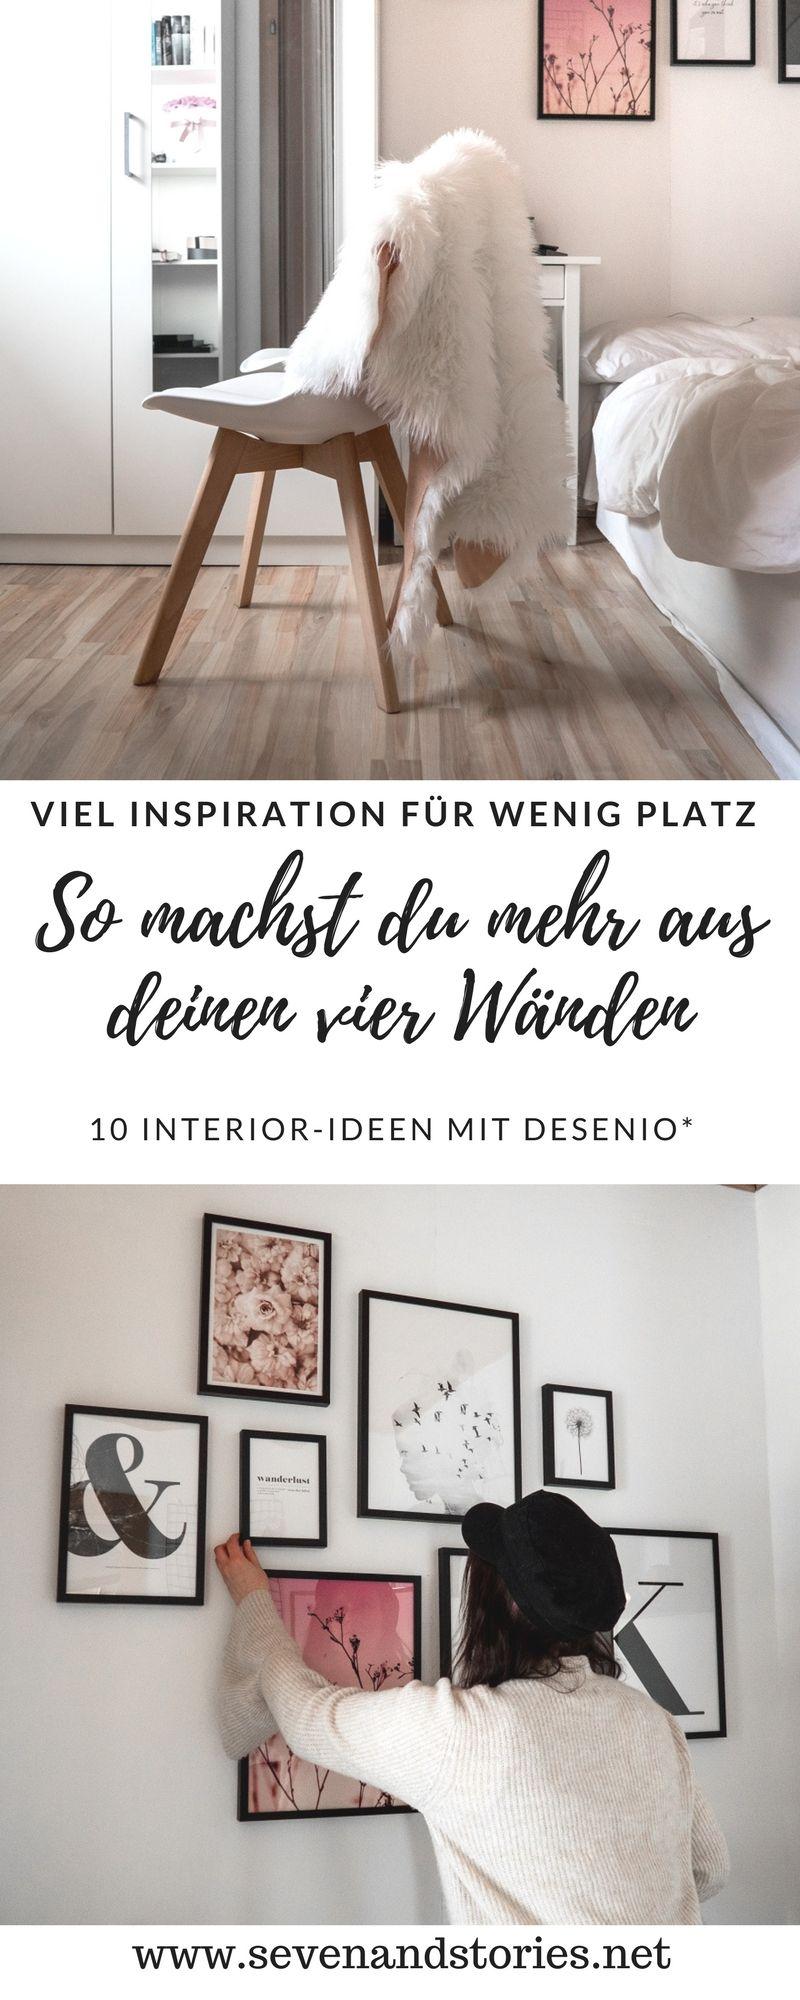 So machst du mehr aus deiner Wohnung mit Desenio #wanddekowohnzimmer